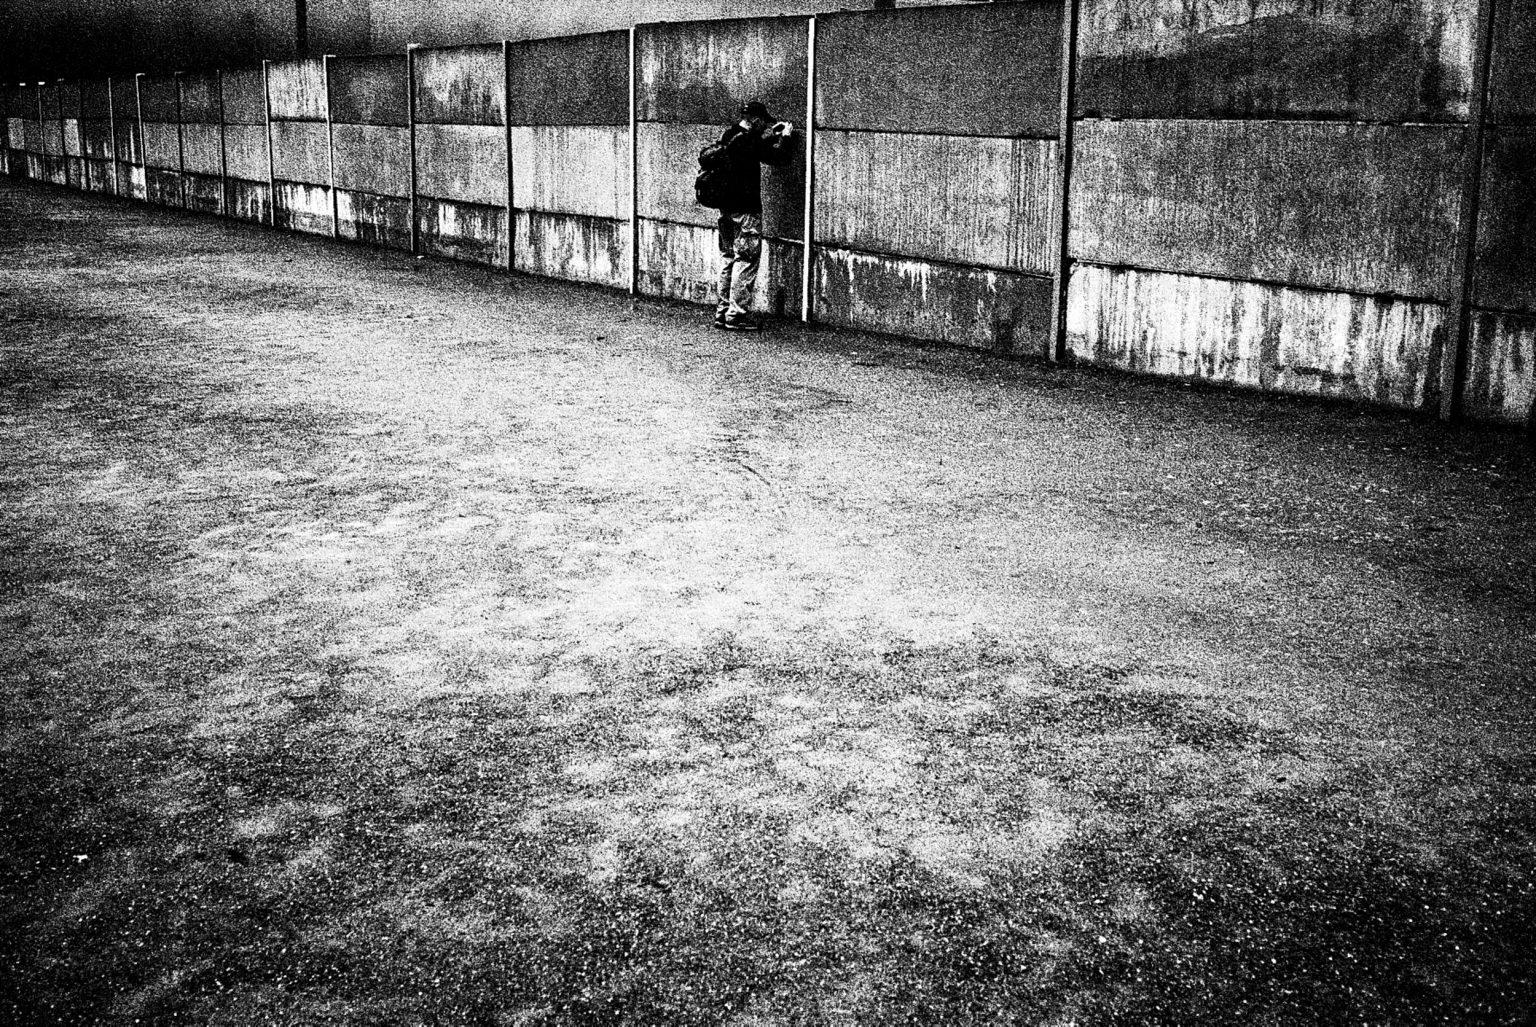 Berlin , 2020- Berlin Diary is a research that documents the margins of society; an investigation into different worlds including relationships; the loneliness of the human being; alcoholism and abuse; lovers and their conflicts and finally the relationship between people and city.The wall, east berlin. >< Berlino ,2020- Berlin Diary è una ricerca che documenta i margini della società; un'indagine in mondi diversi tra cui si esplorano relazioni; la solitudine dell'essere umano; L'alcolismo e gli abusi; gli amanti e i loro conflitti e infine; il rapporto tra persone e città. Il muro, Berlino Est.